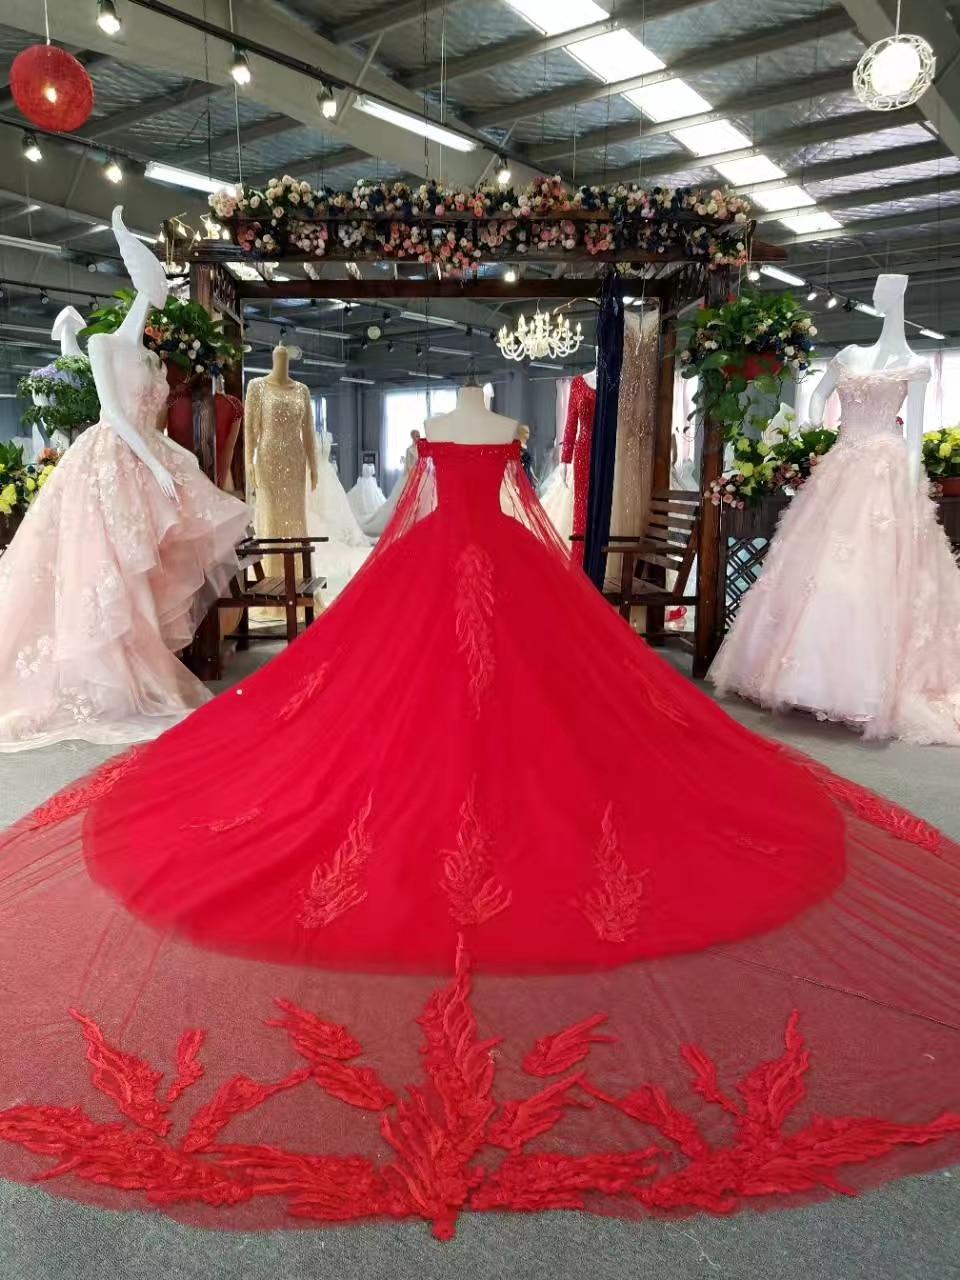 Ny Arrival Elegant A-Line Spets Sequins Bröllopsklänning 2017 - Bröllopsklänningar - Foto 5